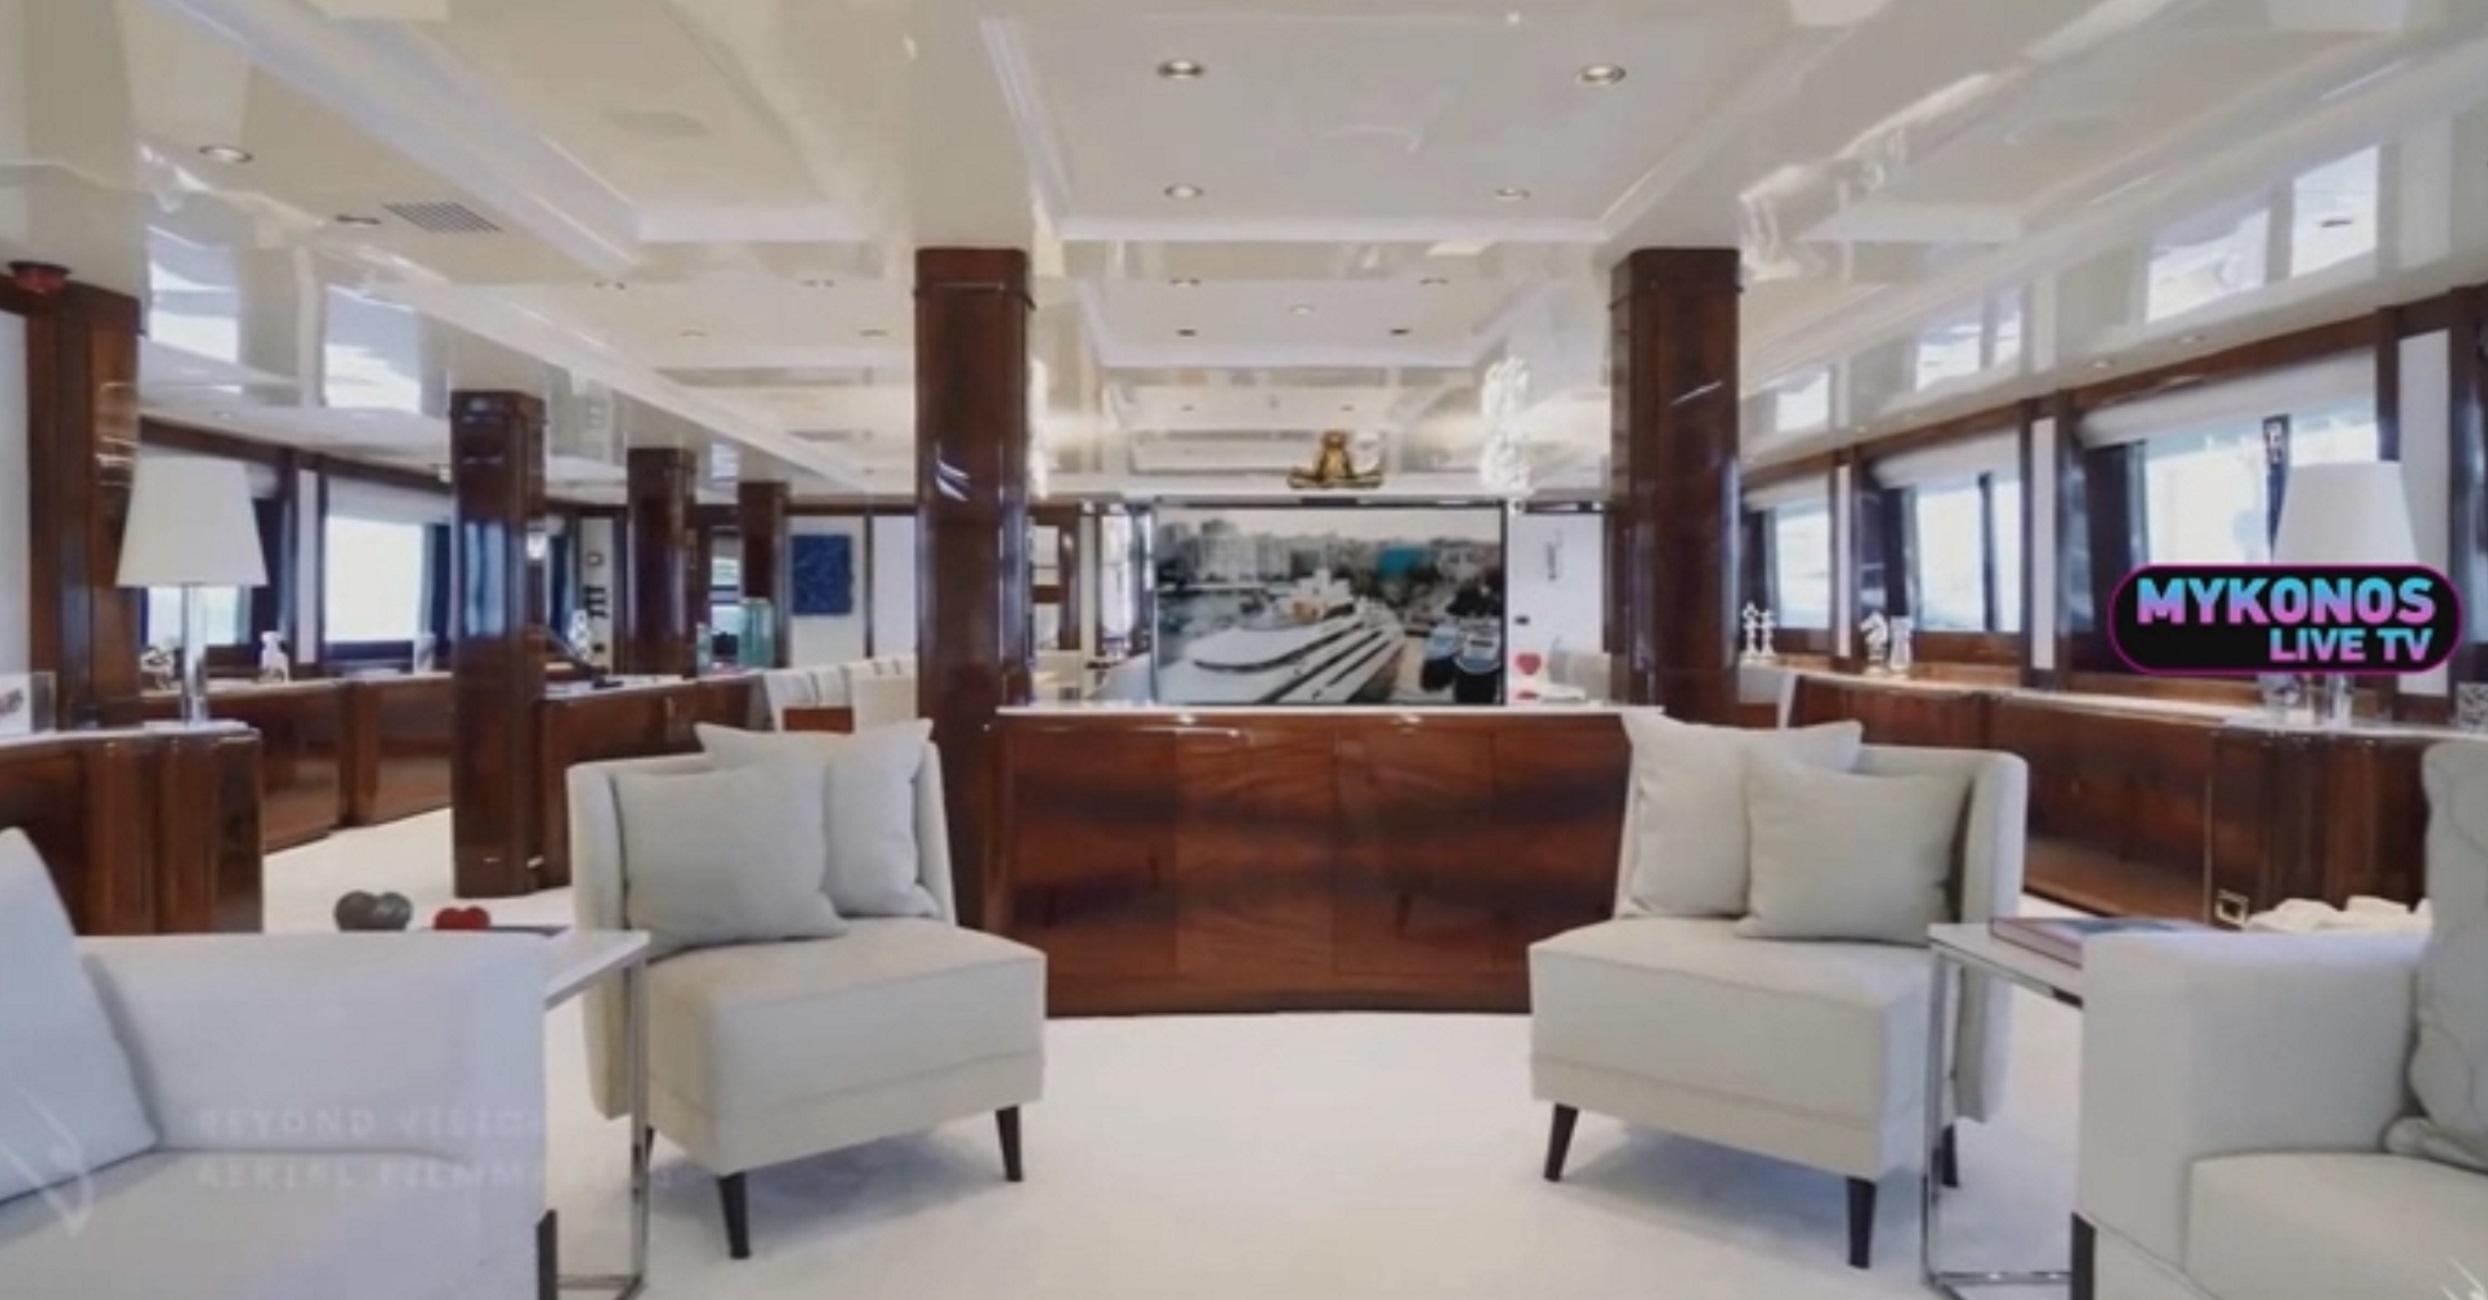 Μύκονος: Μέσα στο πλωτό παλάτι που θάμπωσε τους πάντες! Ενοικιάζεται προς 550.000 ευρώ την εβδομάδα (Βίντεο)